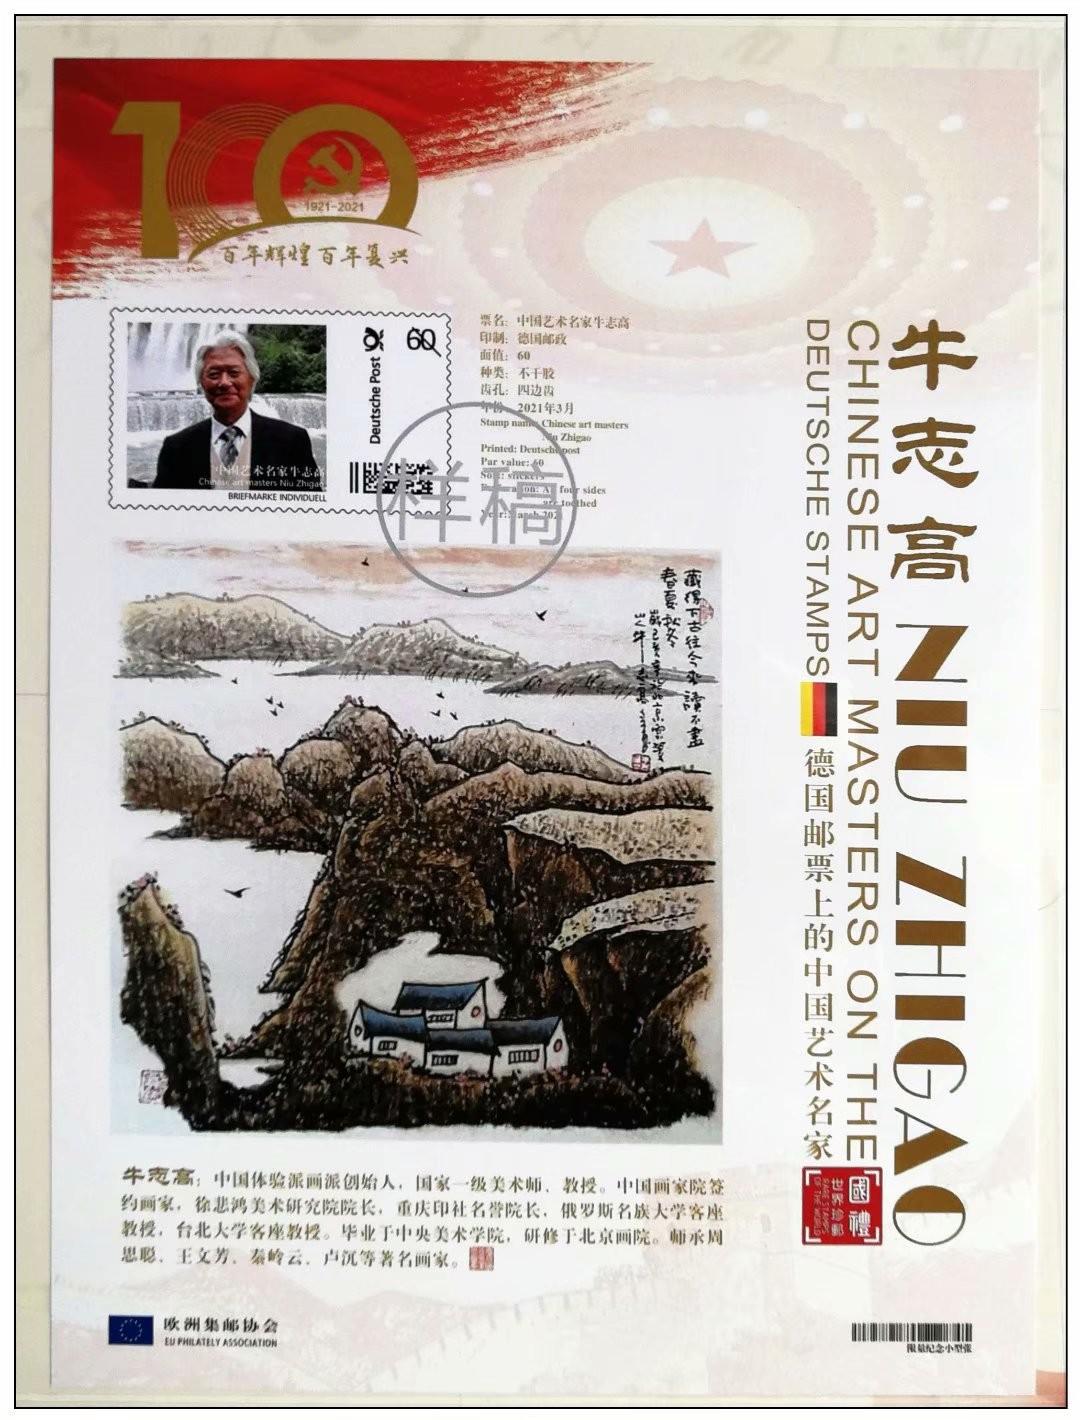 庆祝中国共产党成立100周年---牛志高书画集邮册面世2021.03.15_图1-22